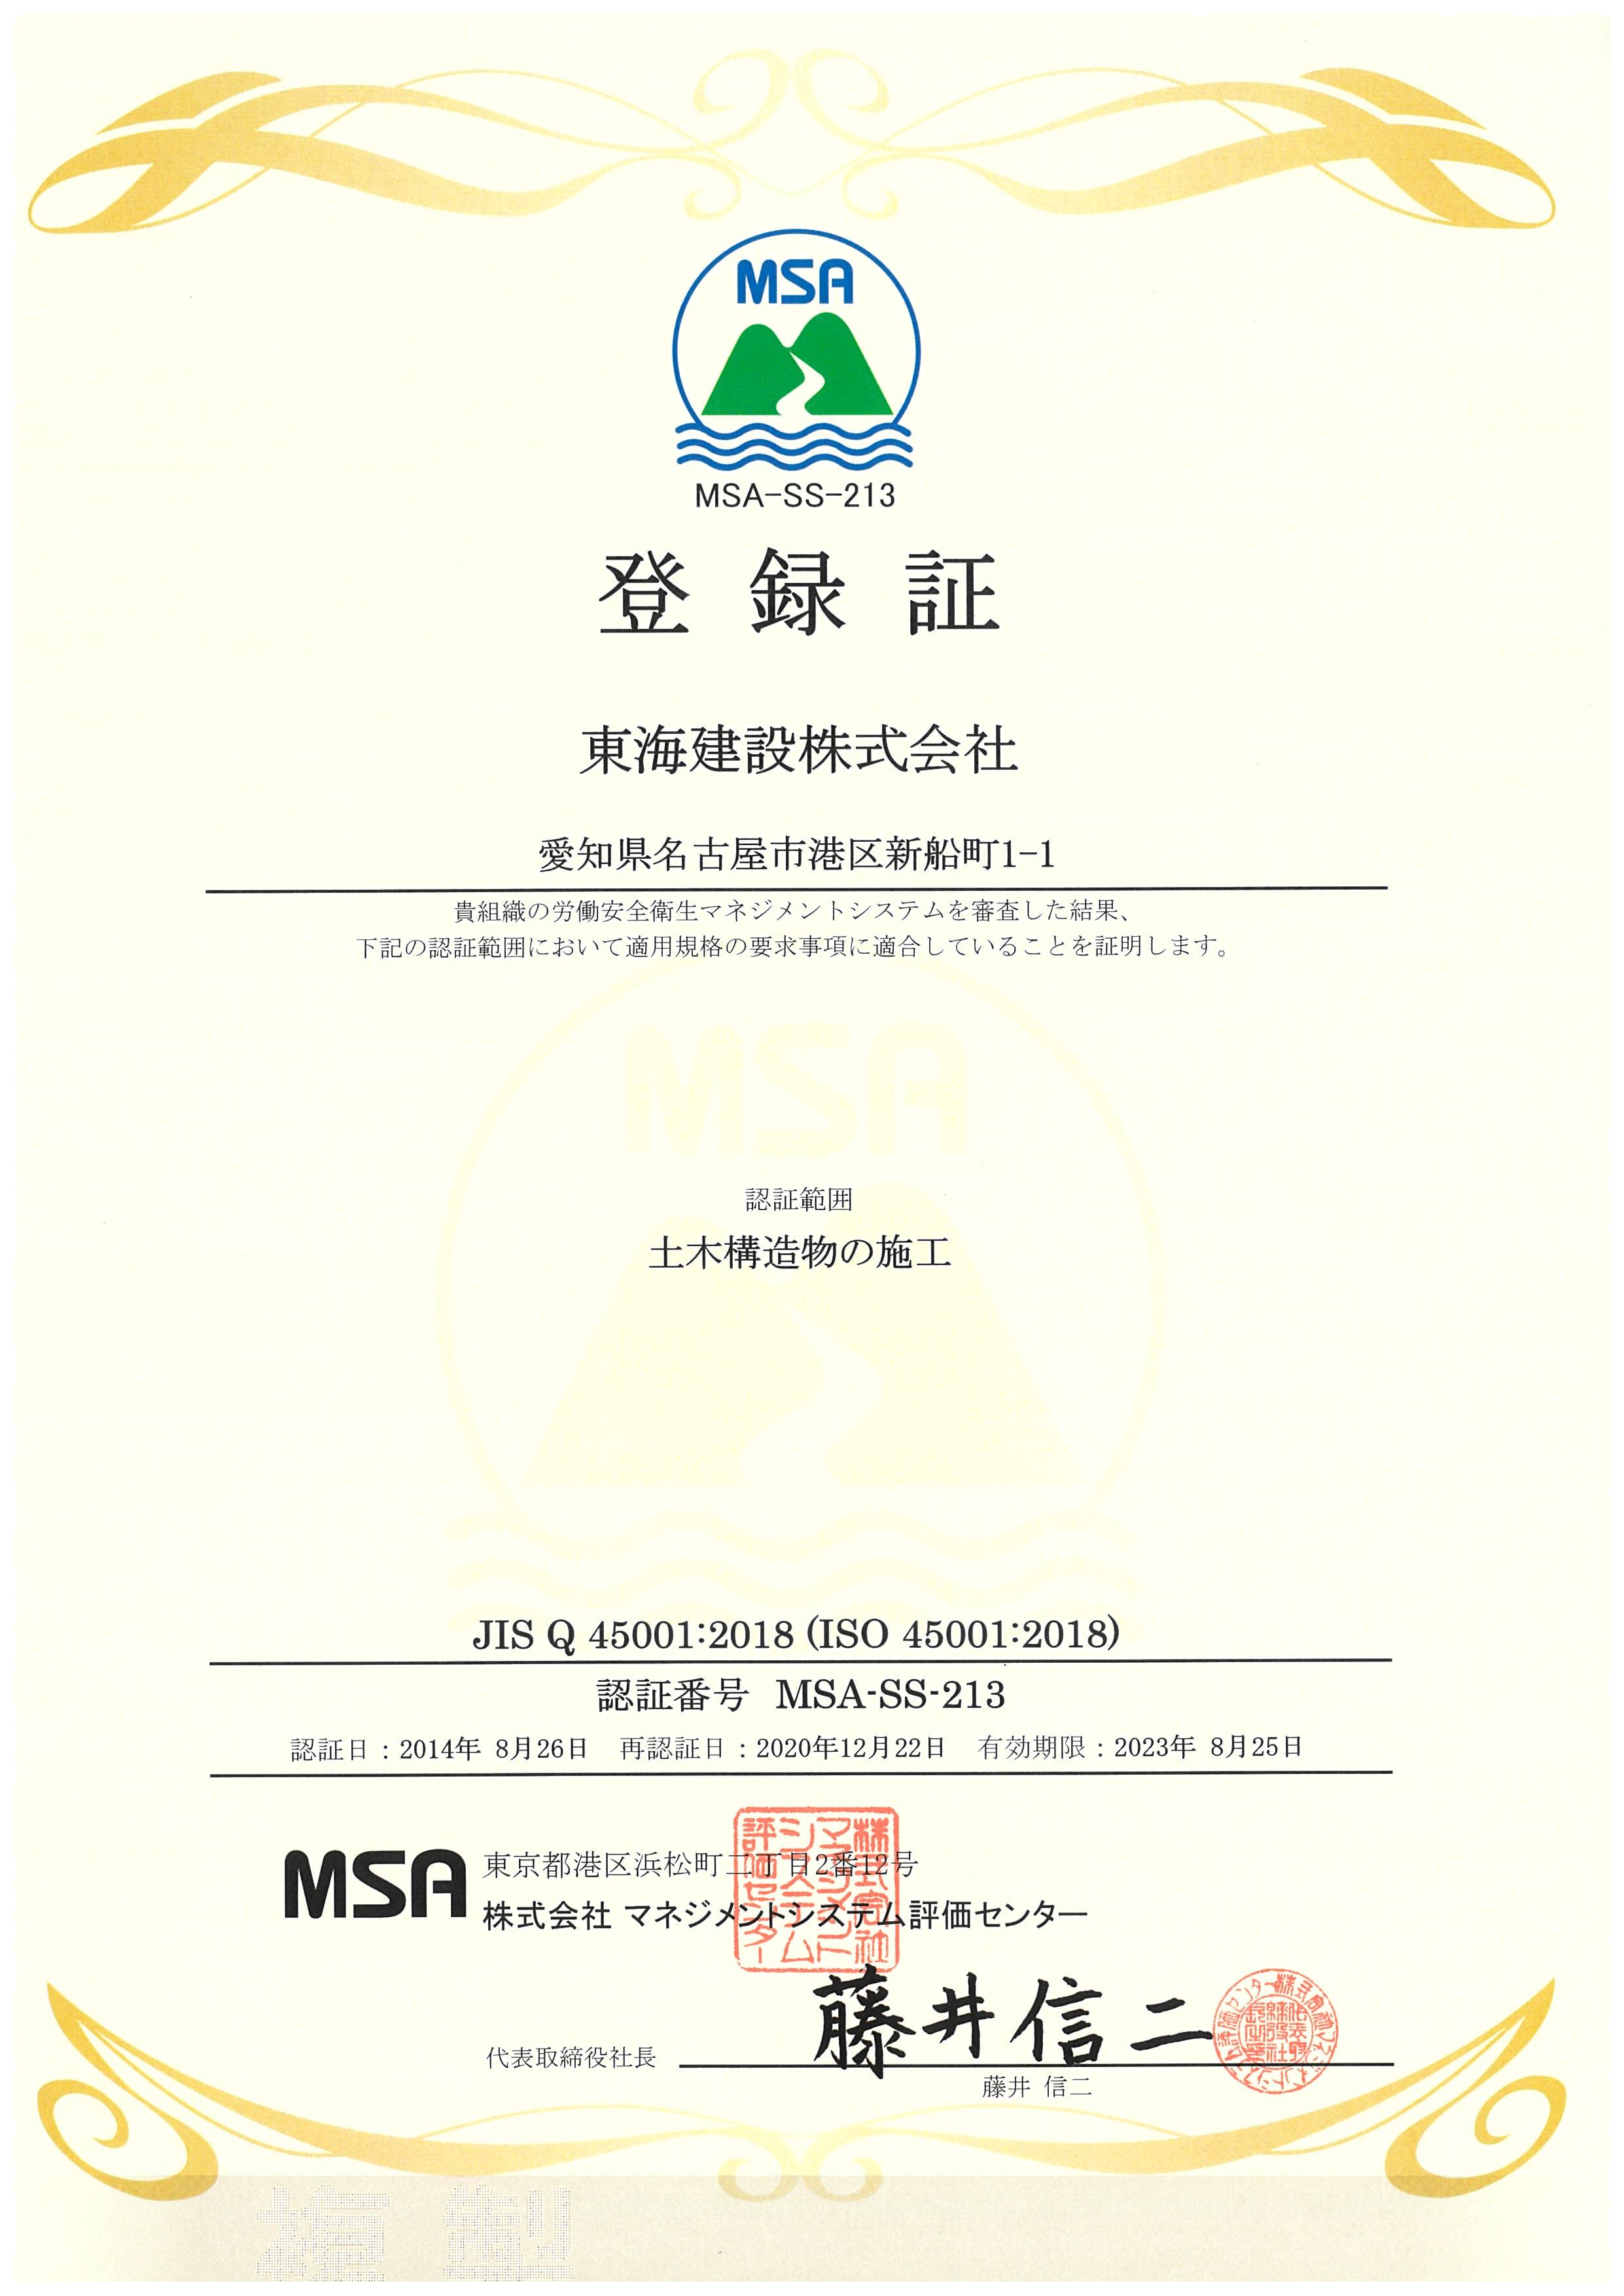 安全衛生マネジメントシステム / OHSAS 18001